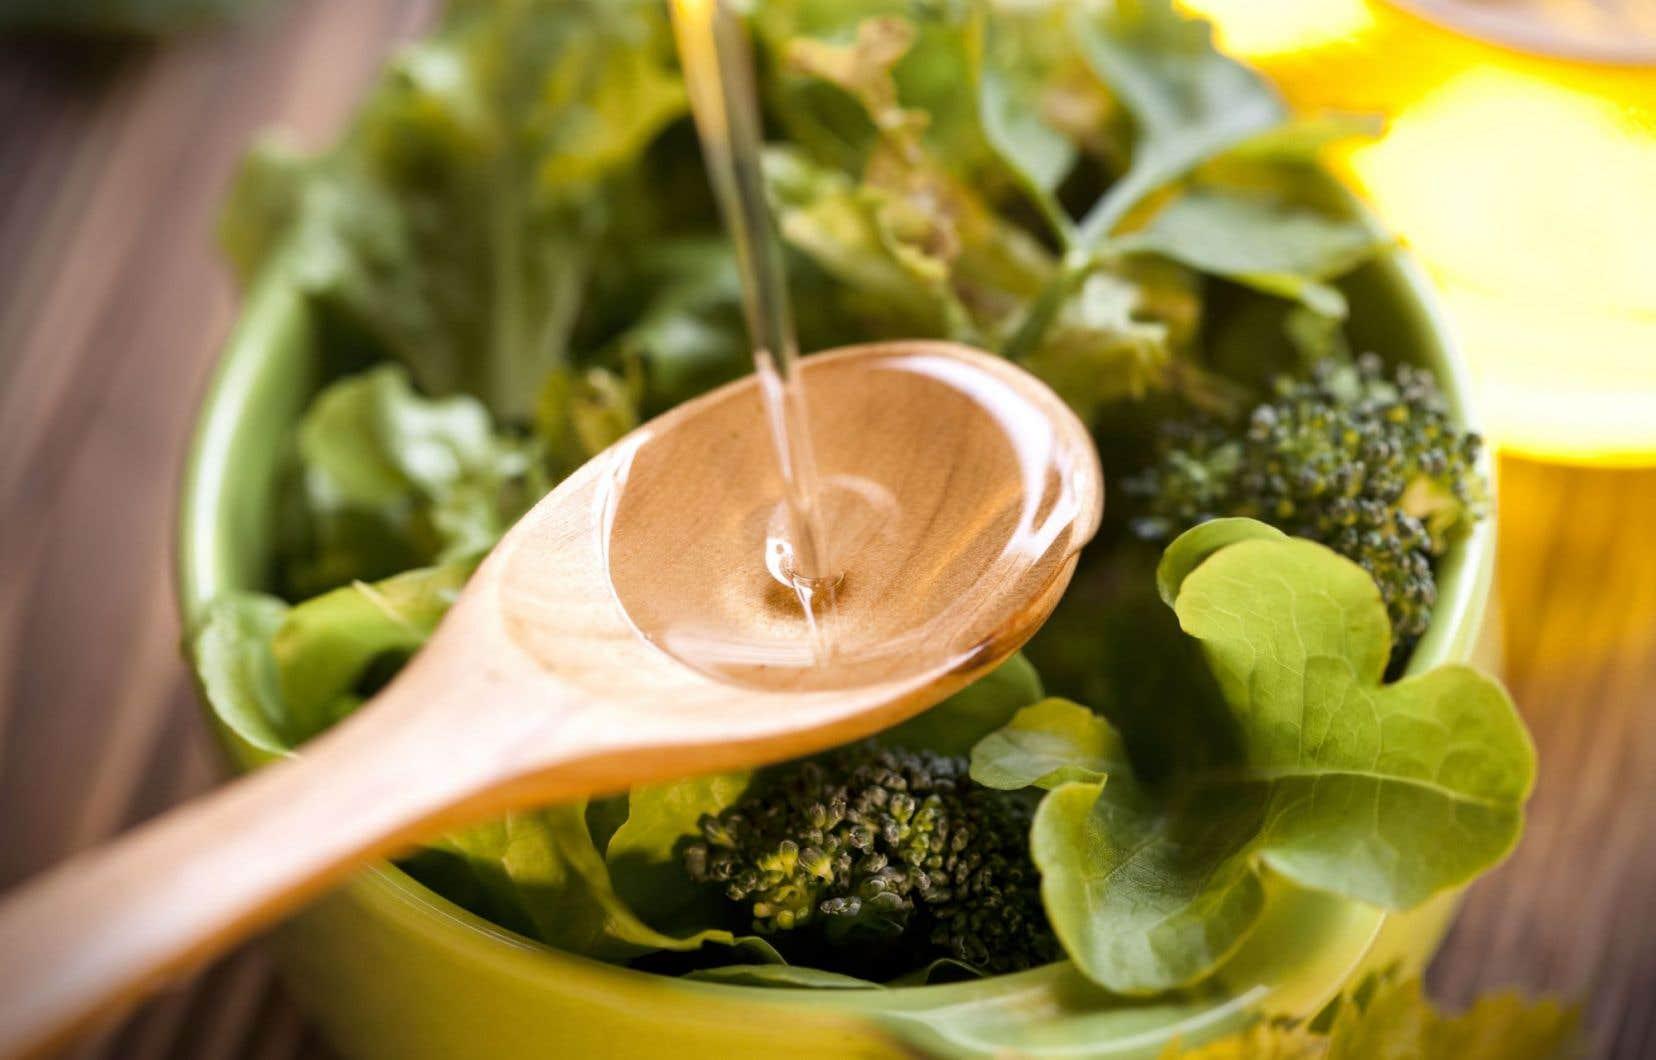 Riche en fruits, noix, légumes et légumineuses, le régime méditerranéen s'accompagne d'une bonne dose d'huile végétale (principalement d'olive) et d'une consommation modérée de vin.